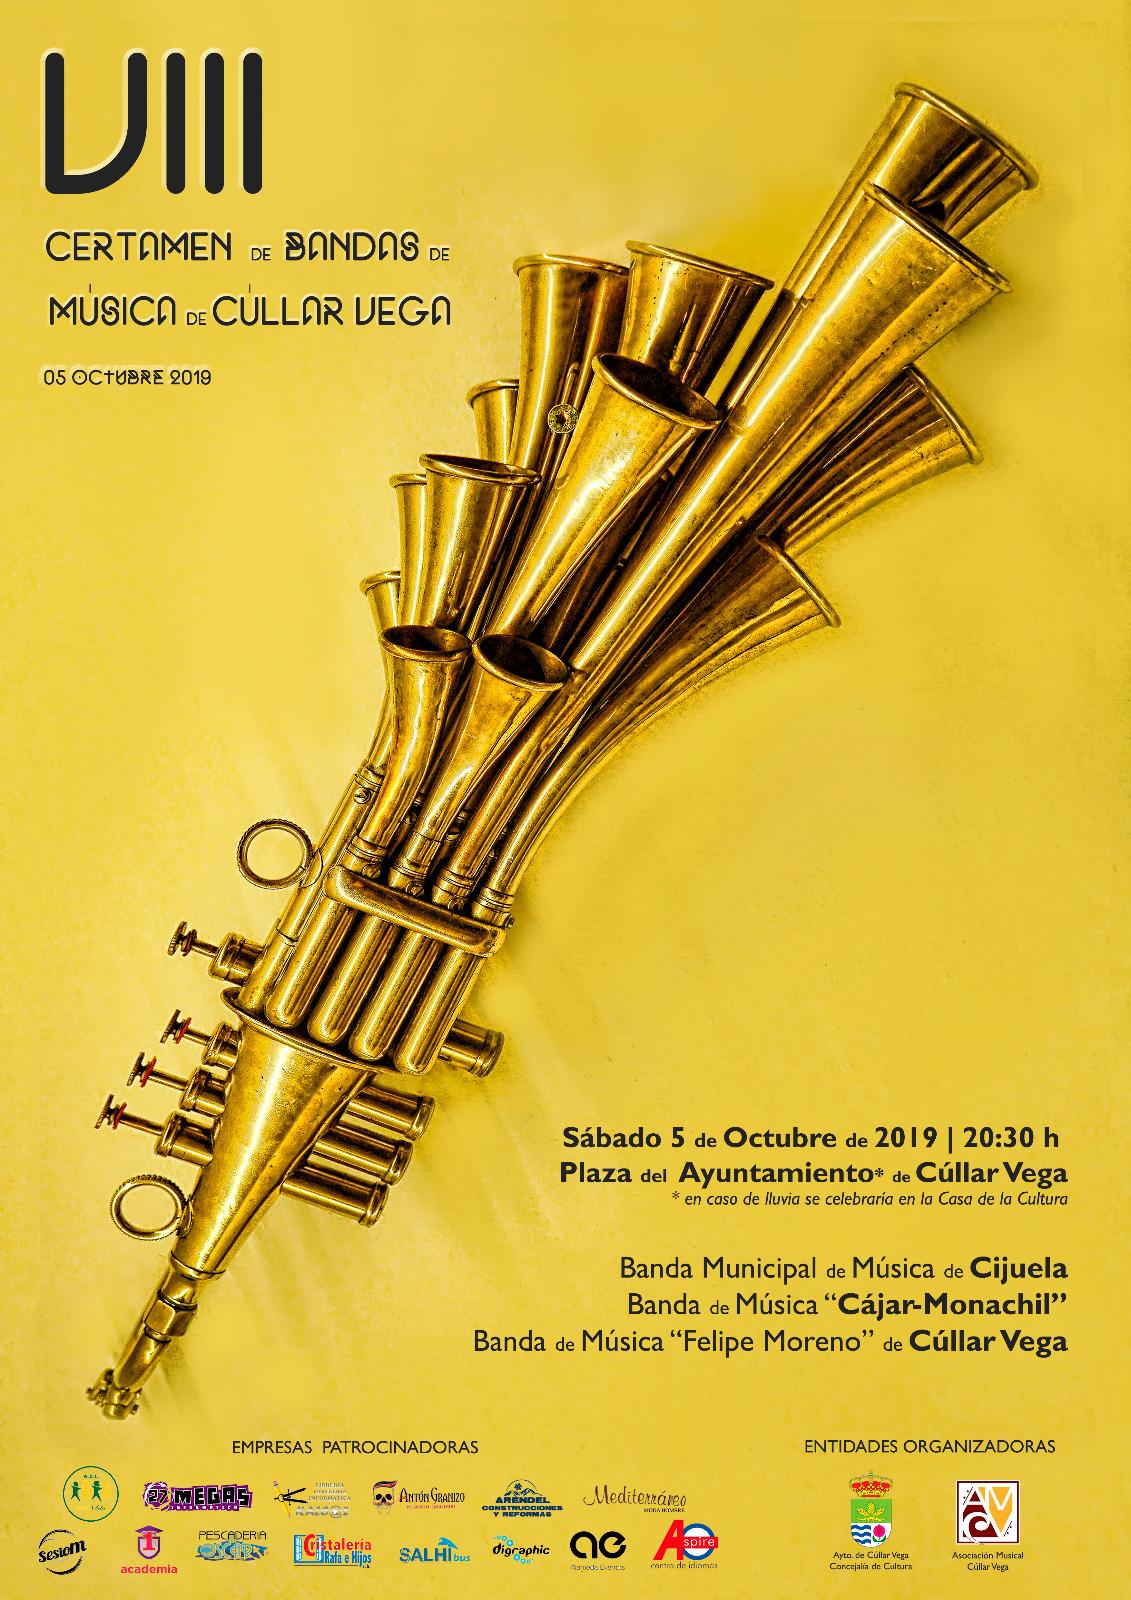 Cúllar Vega celebra este sábado su Certamen de Bandas de música, que cumple ocho años